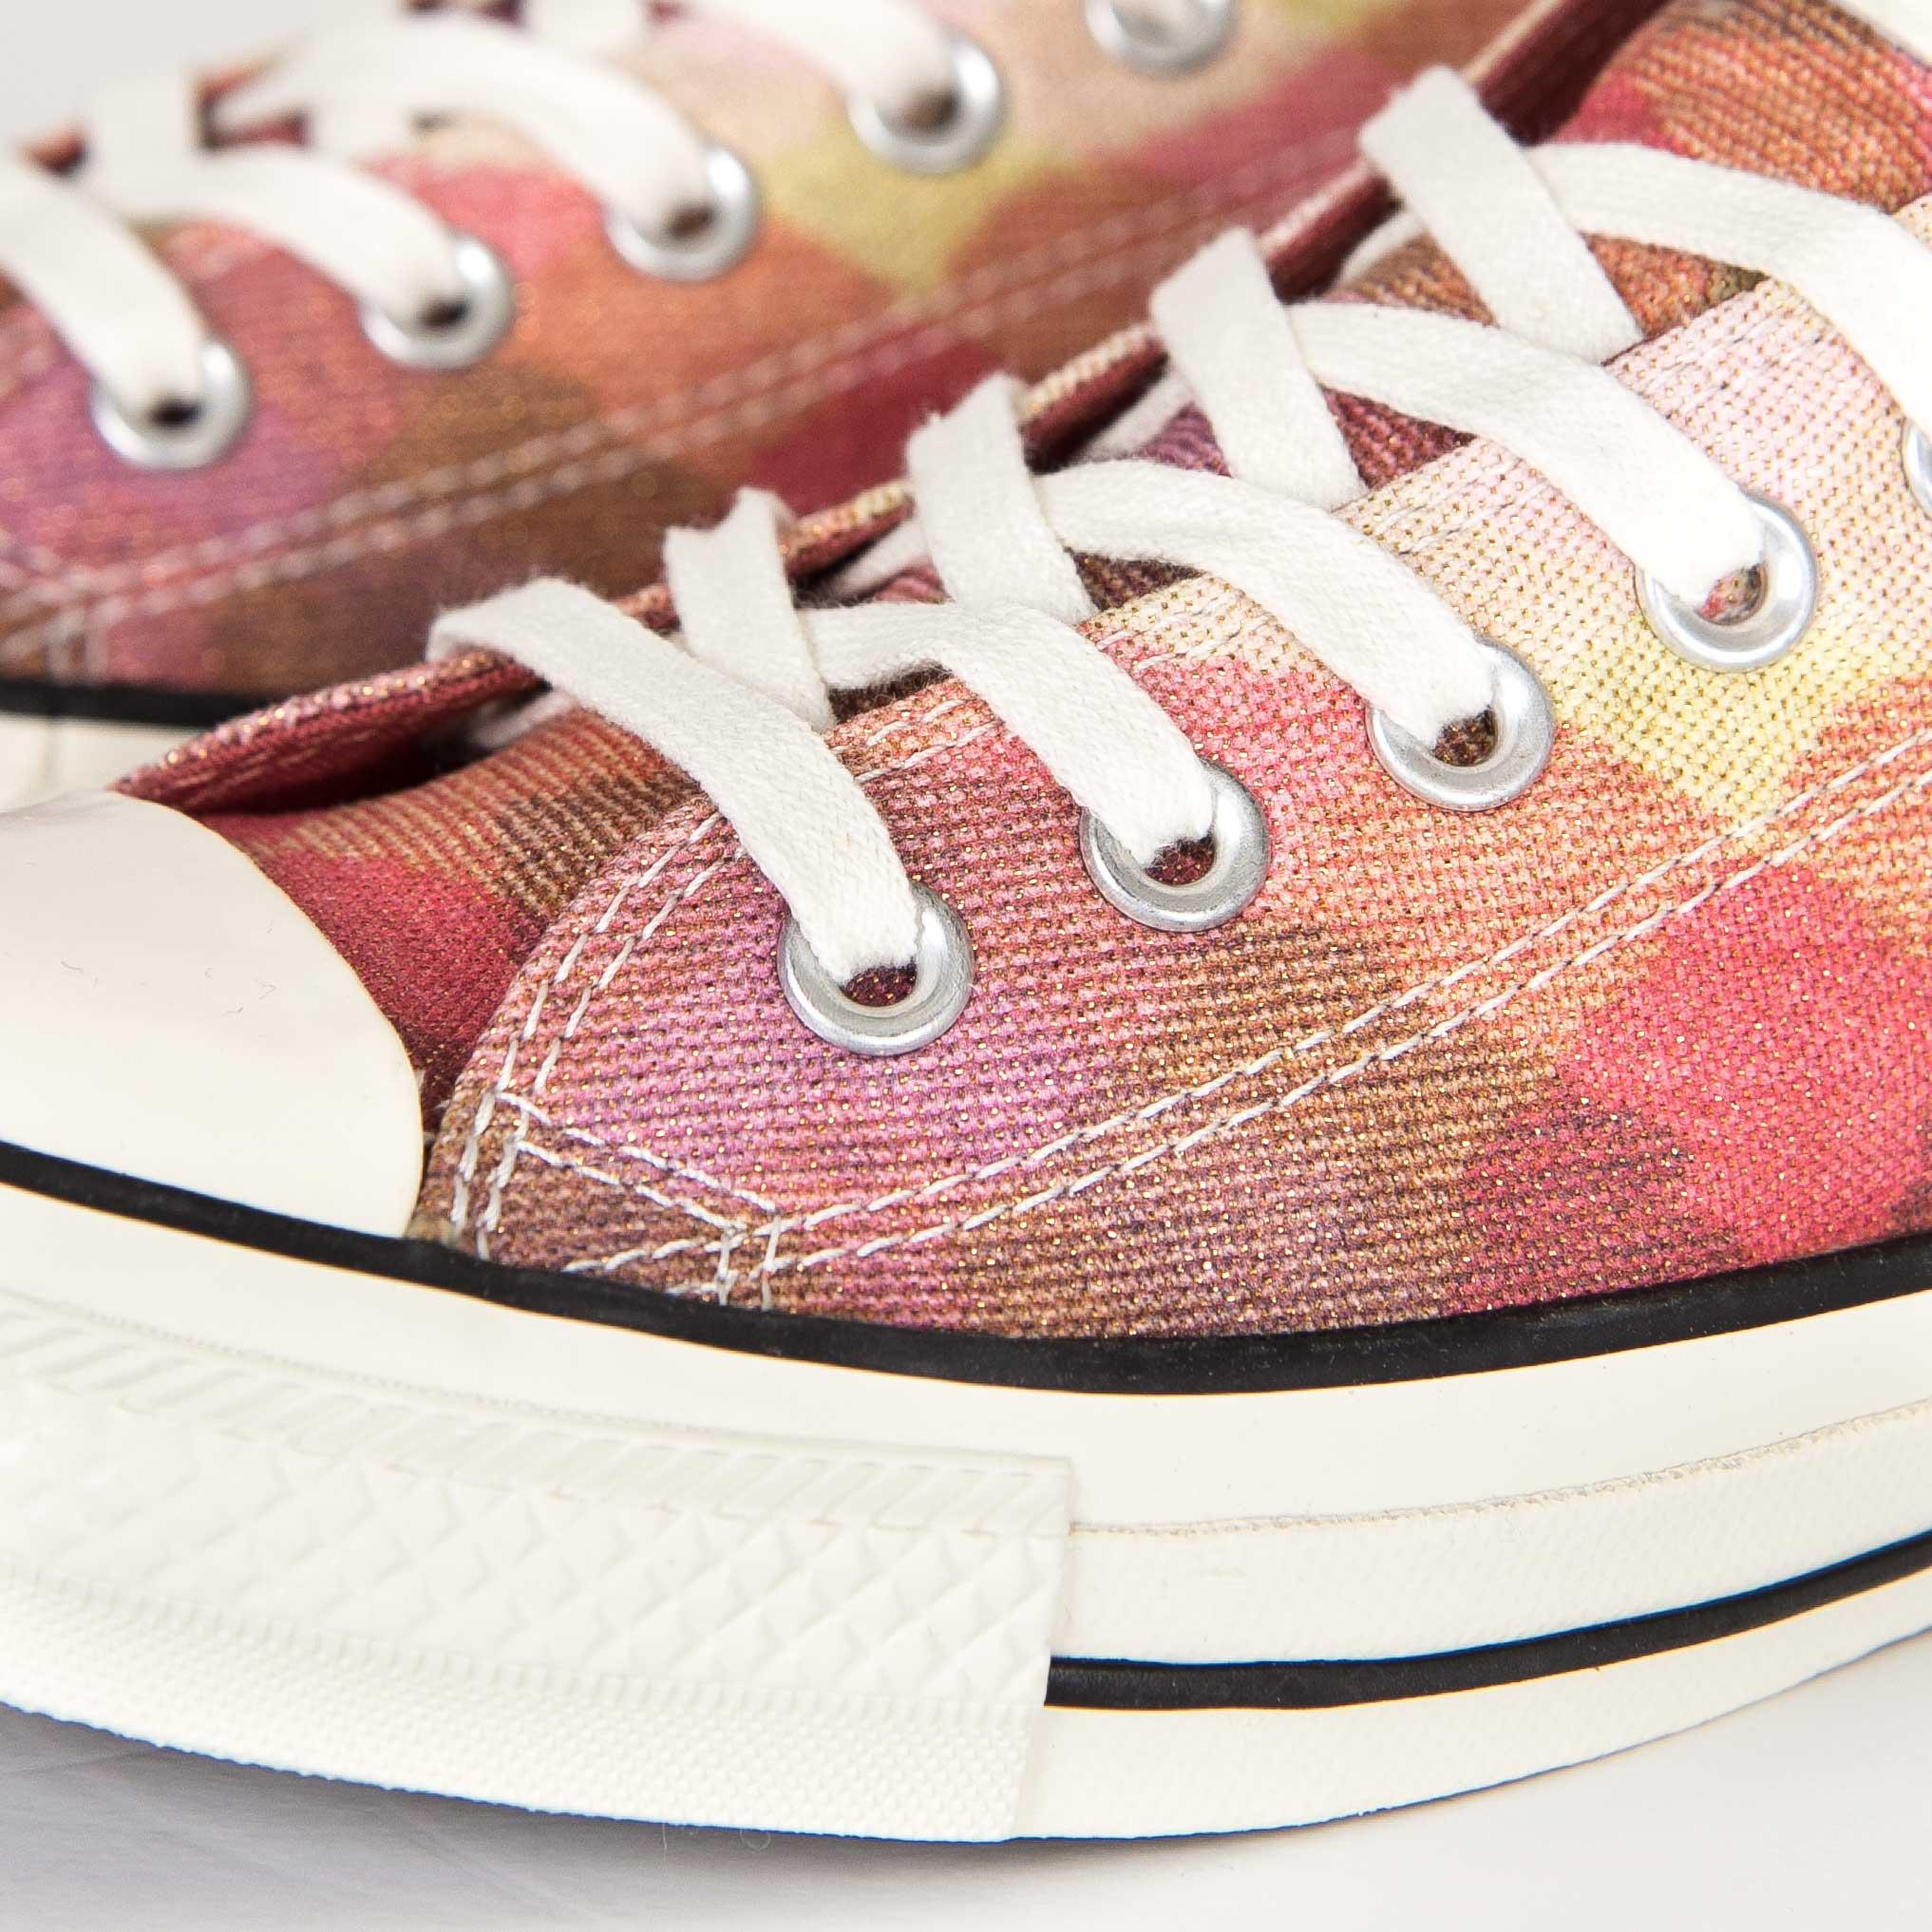 dfc798b63ffe Converse Chuck Taylor All Star x Missoni - 149691c - Sneakersnstuff ...